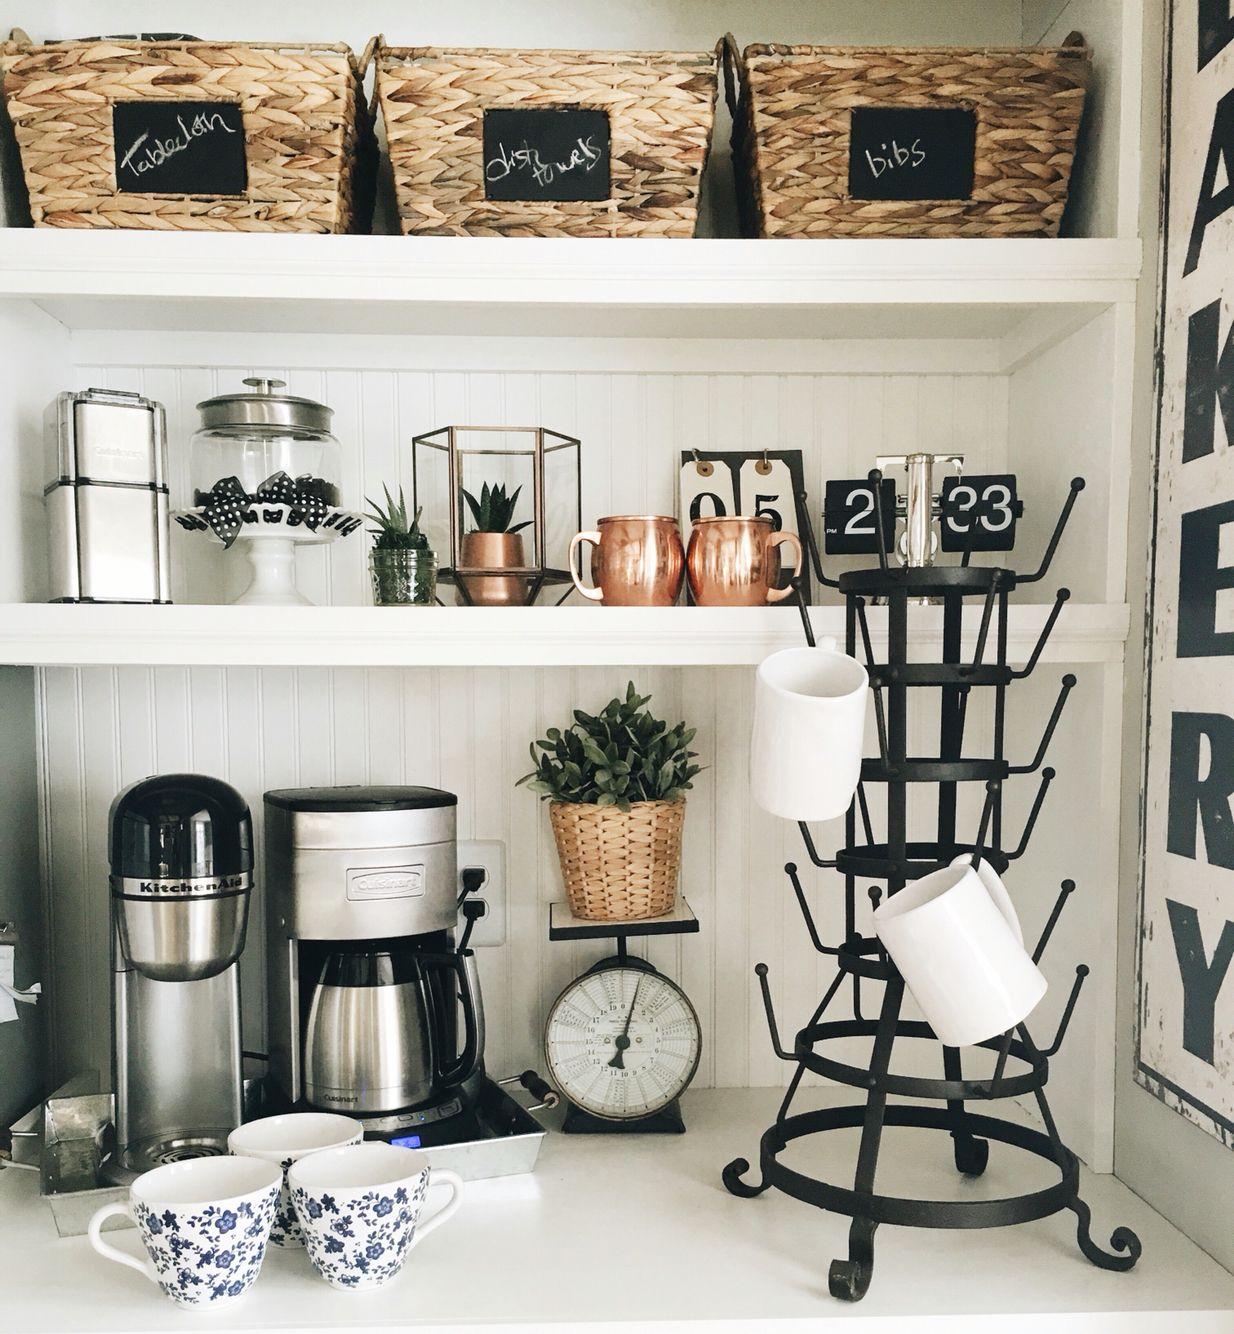 Kitchen Nook Decor: #coffee #coffeebar #farmhousestyle #kitchen #decor